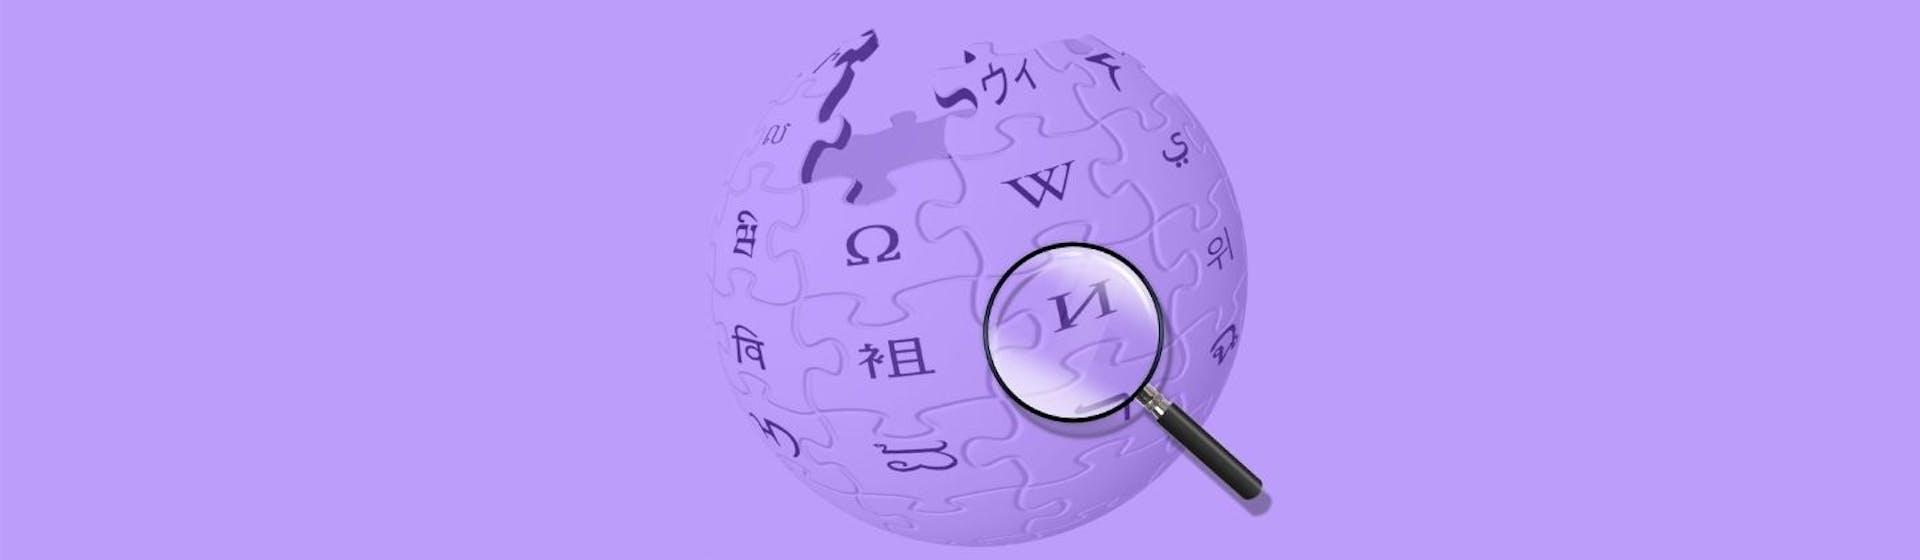 Te contamos todo acerca la versión paga que lanzaría Wikipedia